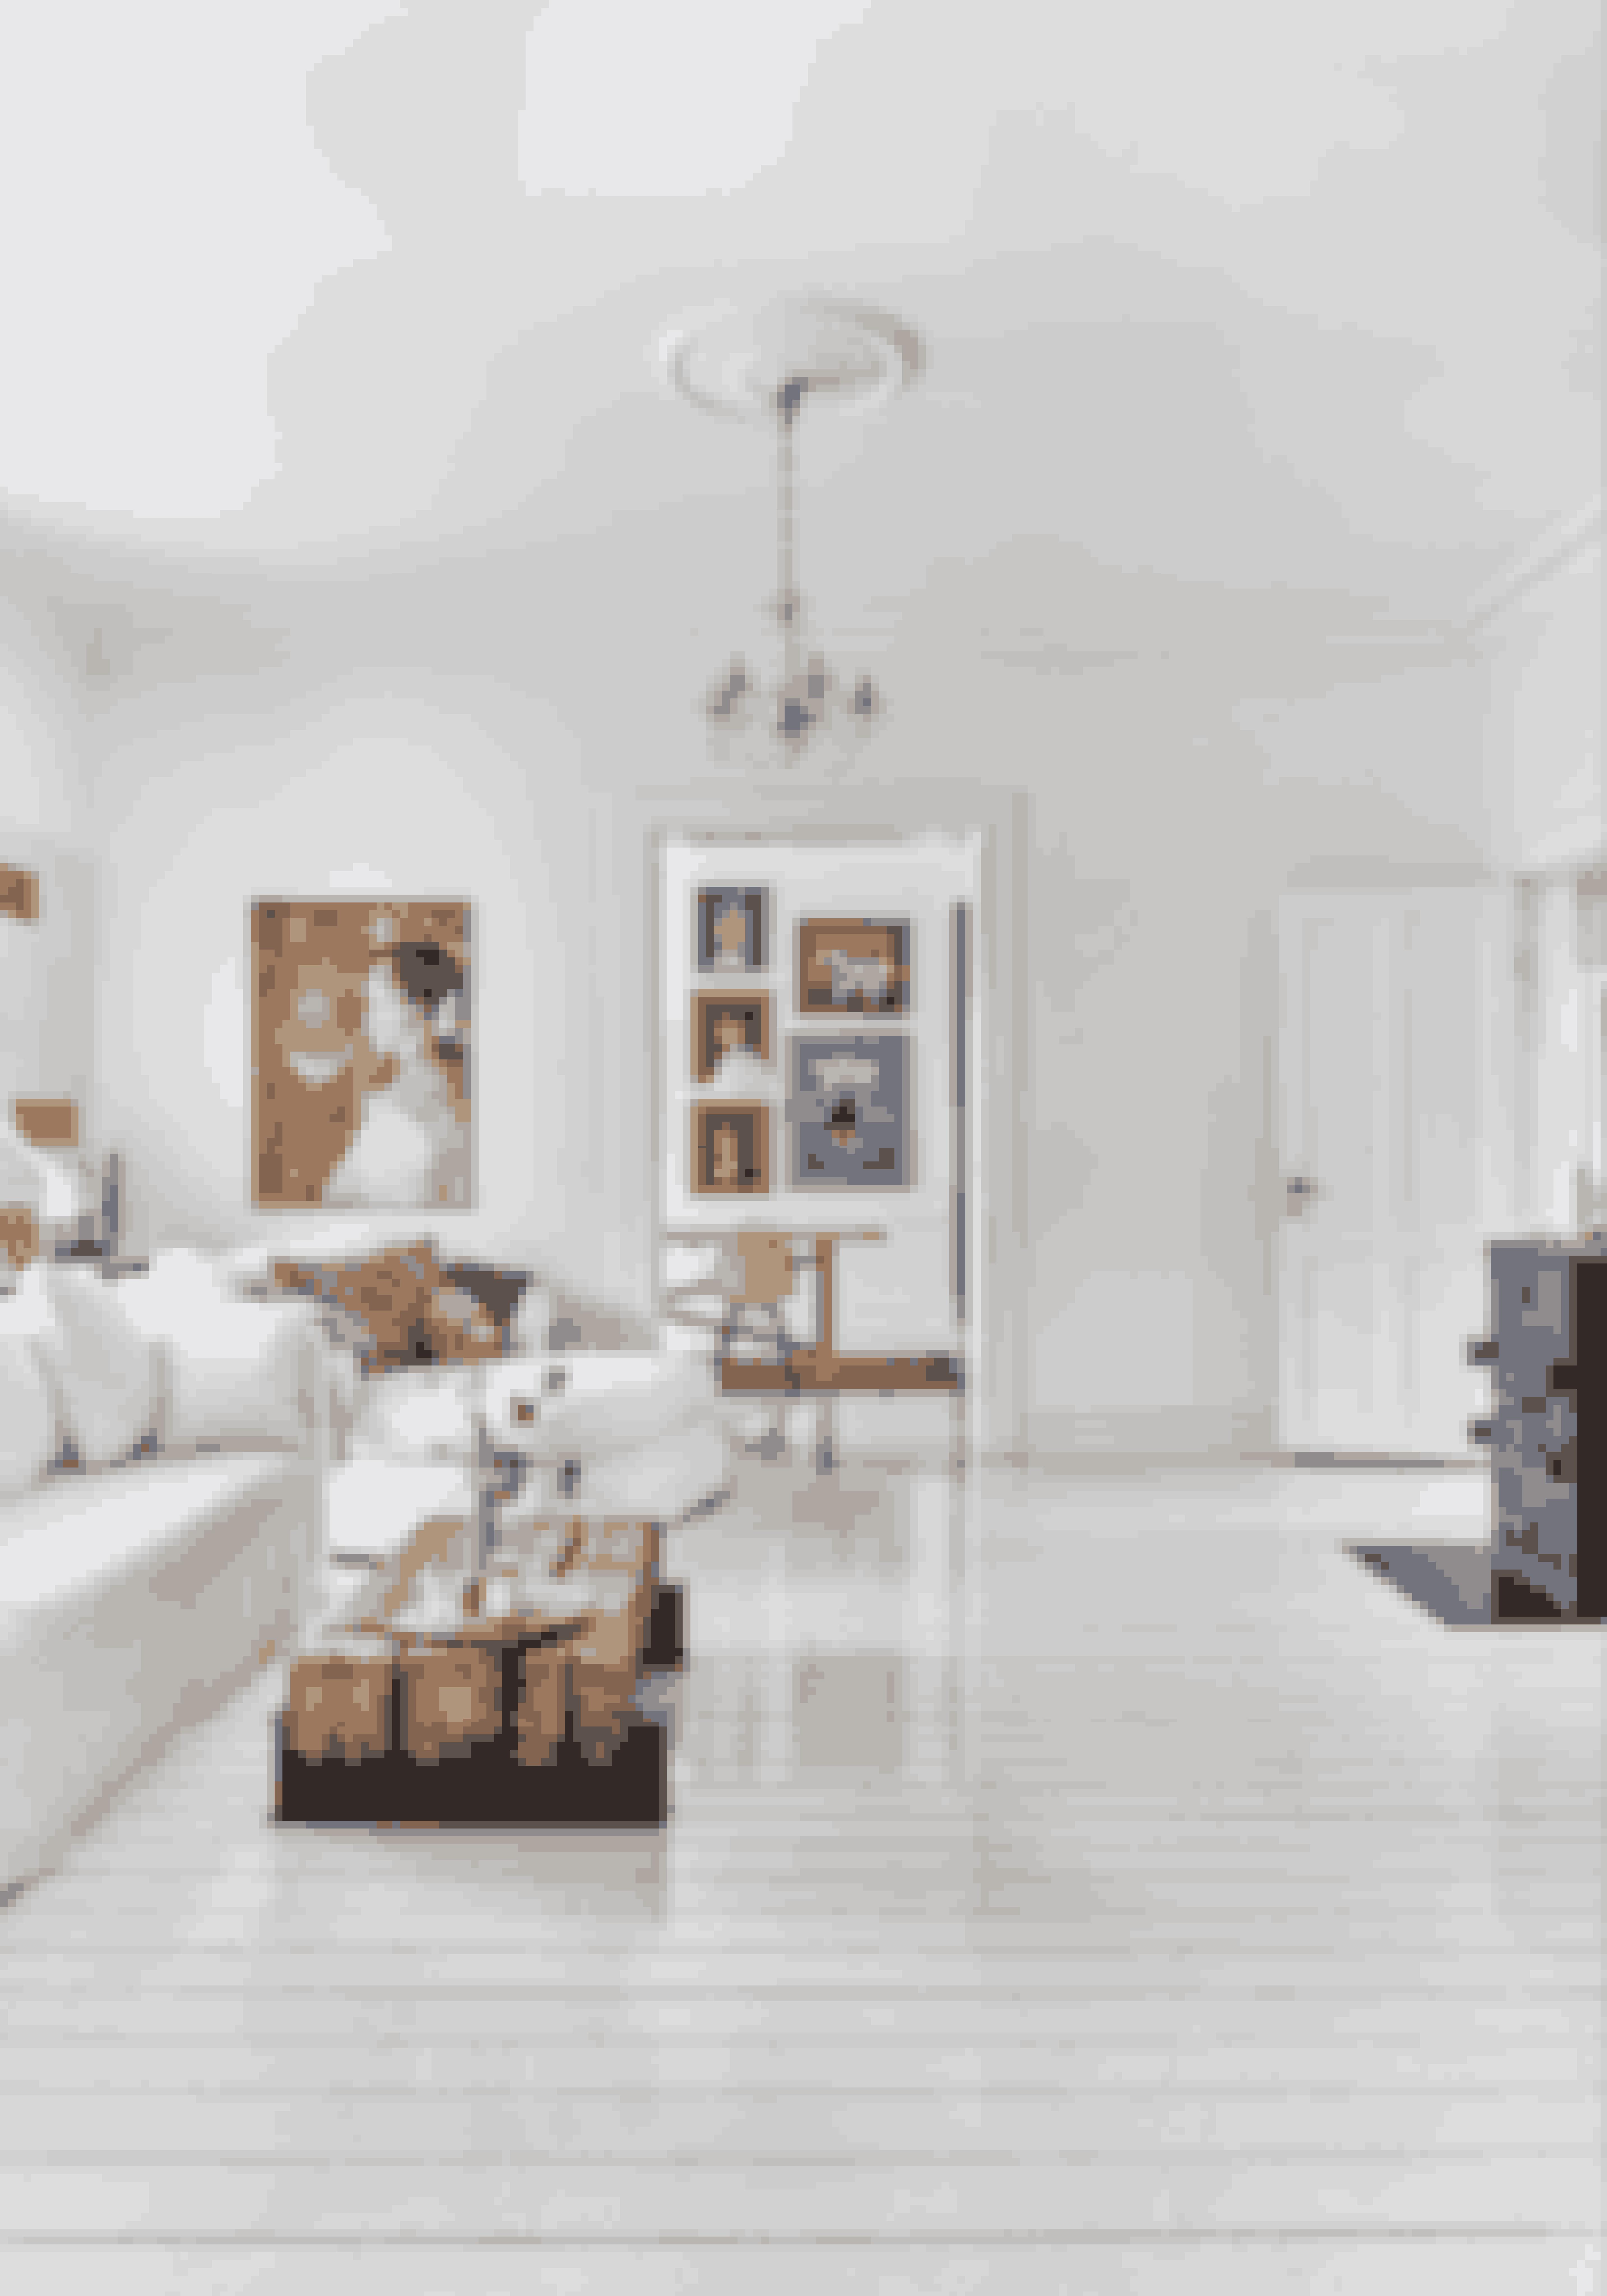 Skab en sammenhæng med ens gulve. Halvblanke, hvidmalede gulve trækker masser af lys ind i rummene.